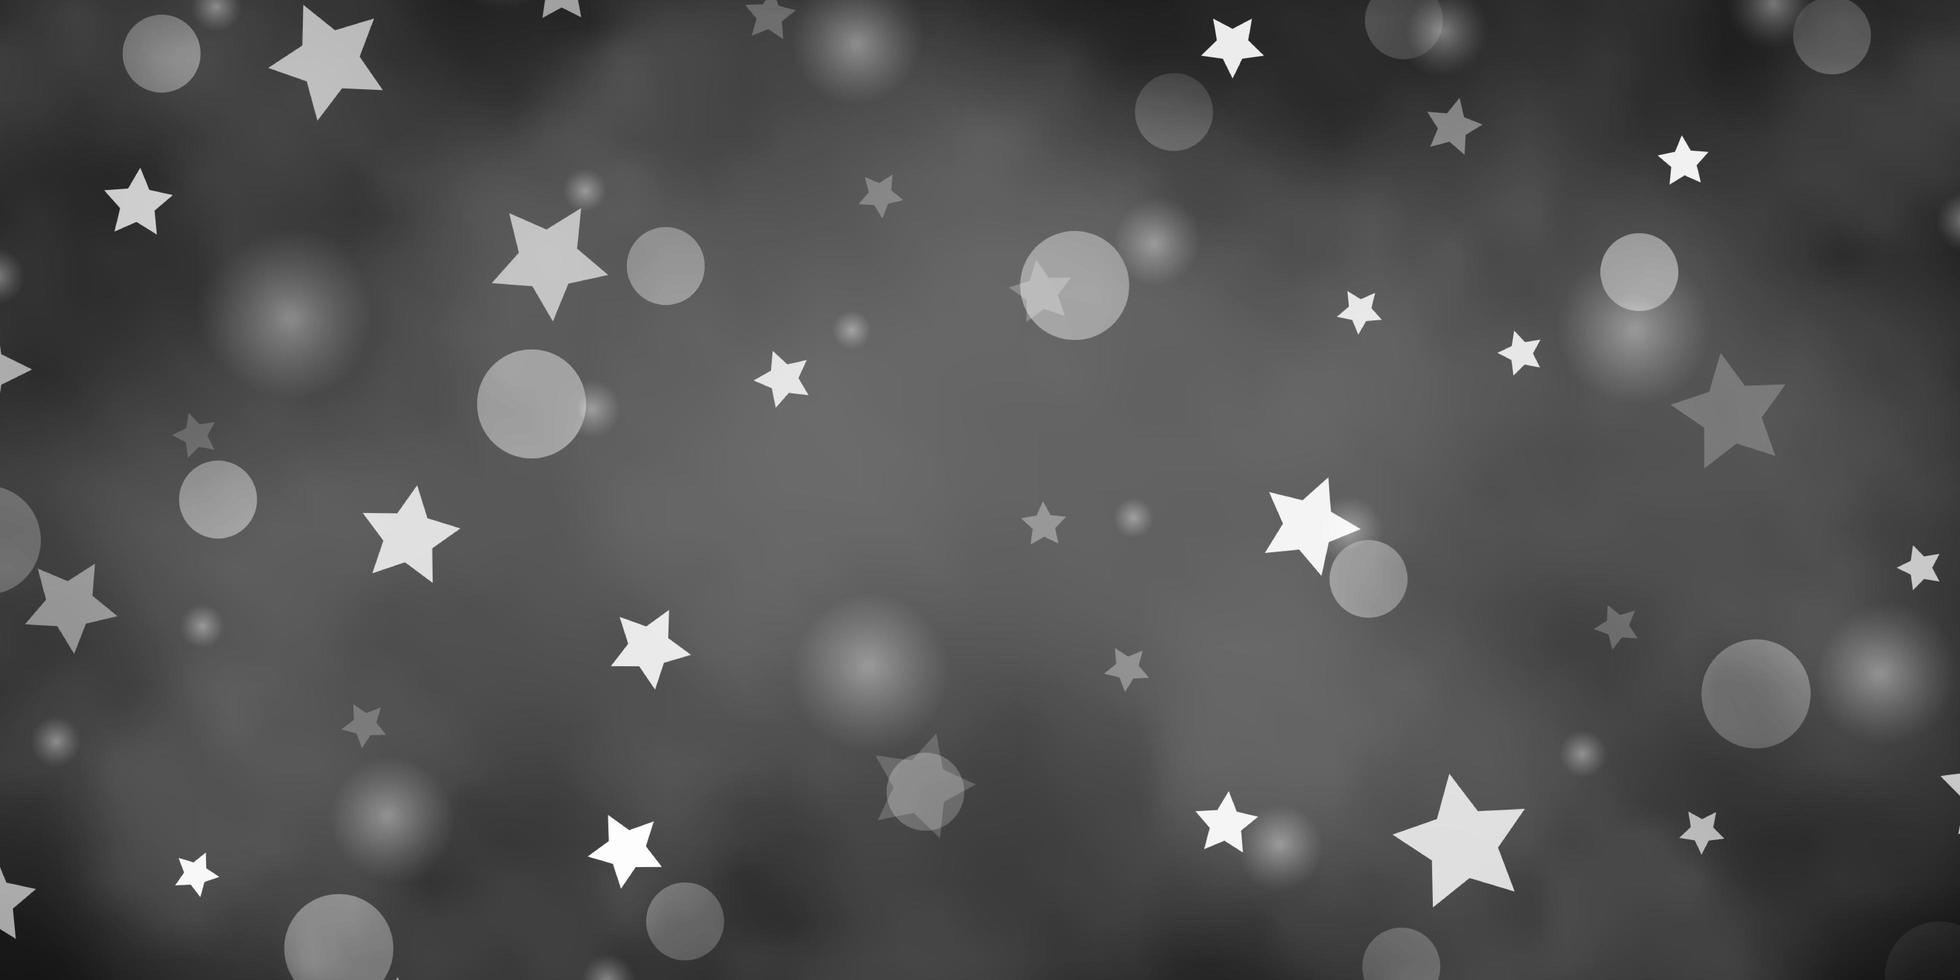 hellgraue Vektorbeschaffenheit mit Kreisen, Sternen. vektor